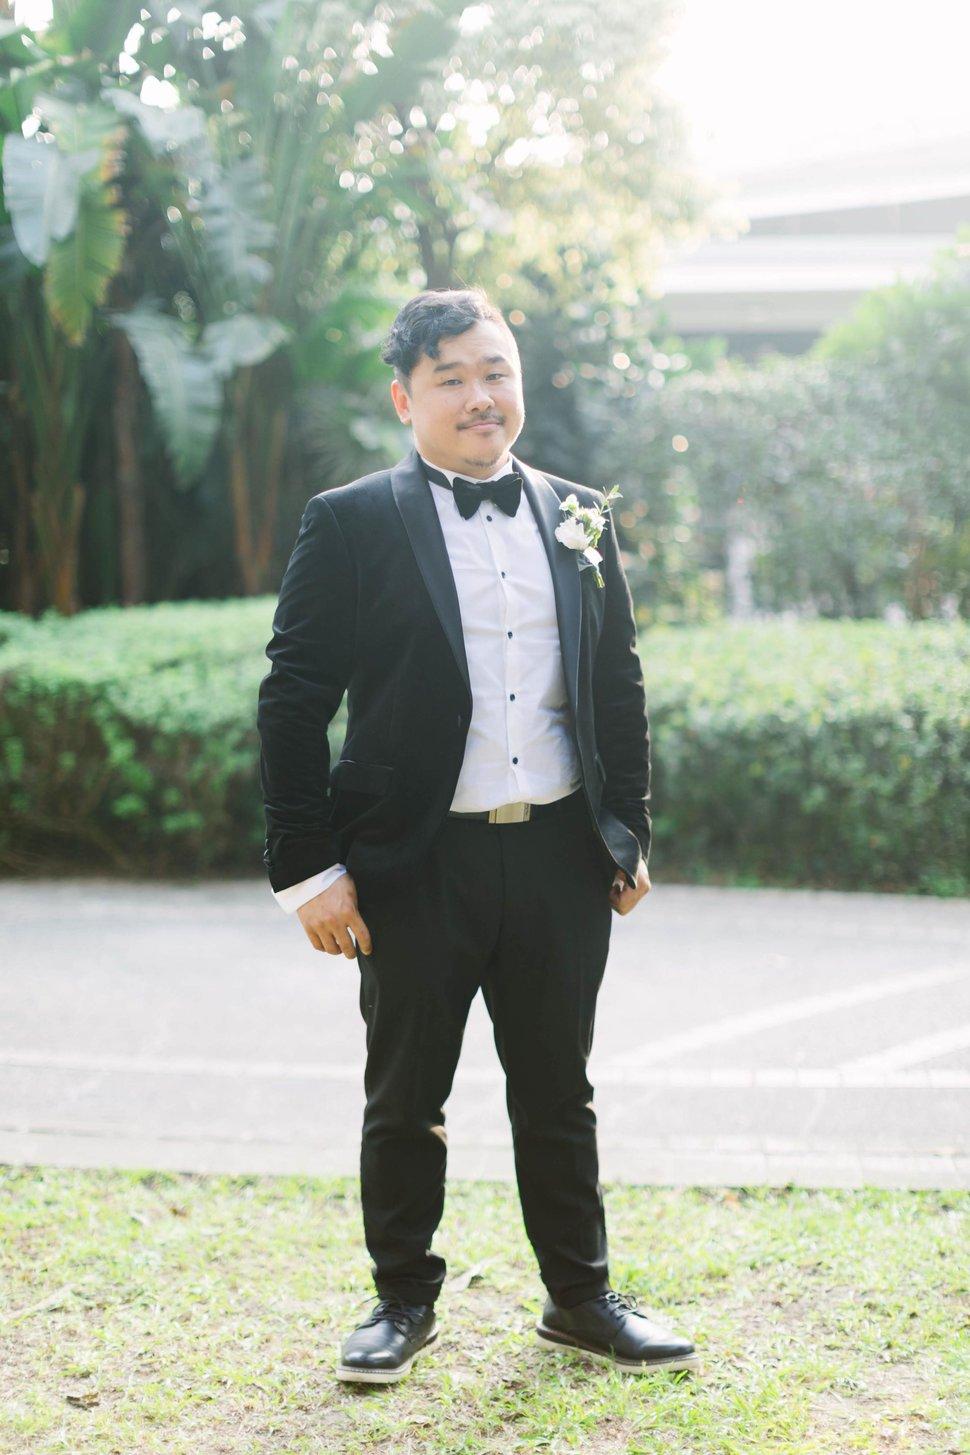 集食行樂婚禮-美式婚禮-美式婚禮紀錄-戶外證婚-美式婚紗-AG 婚攝Adam Chen- Amazing Grace 攝影美學 -台北婚禮紀錄 - Amazing Grace Studio50 - Amazing Grace Studio《結婚吧》